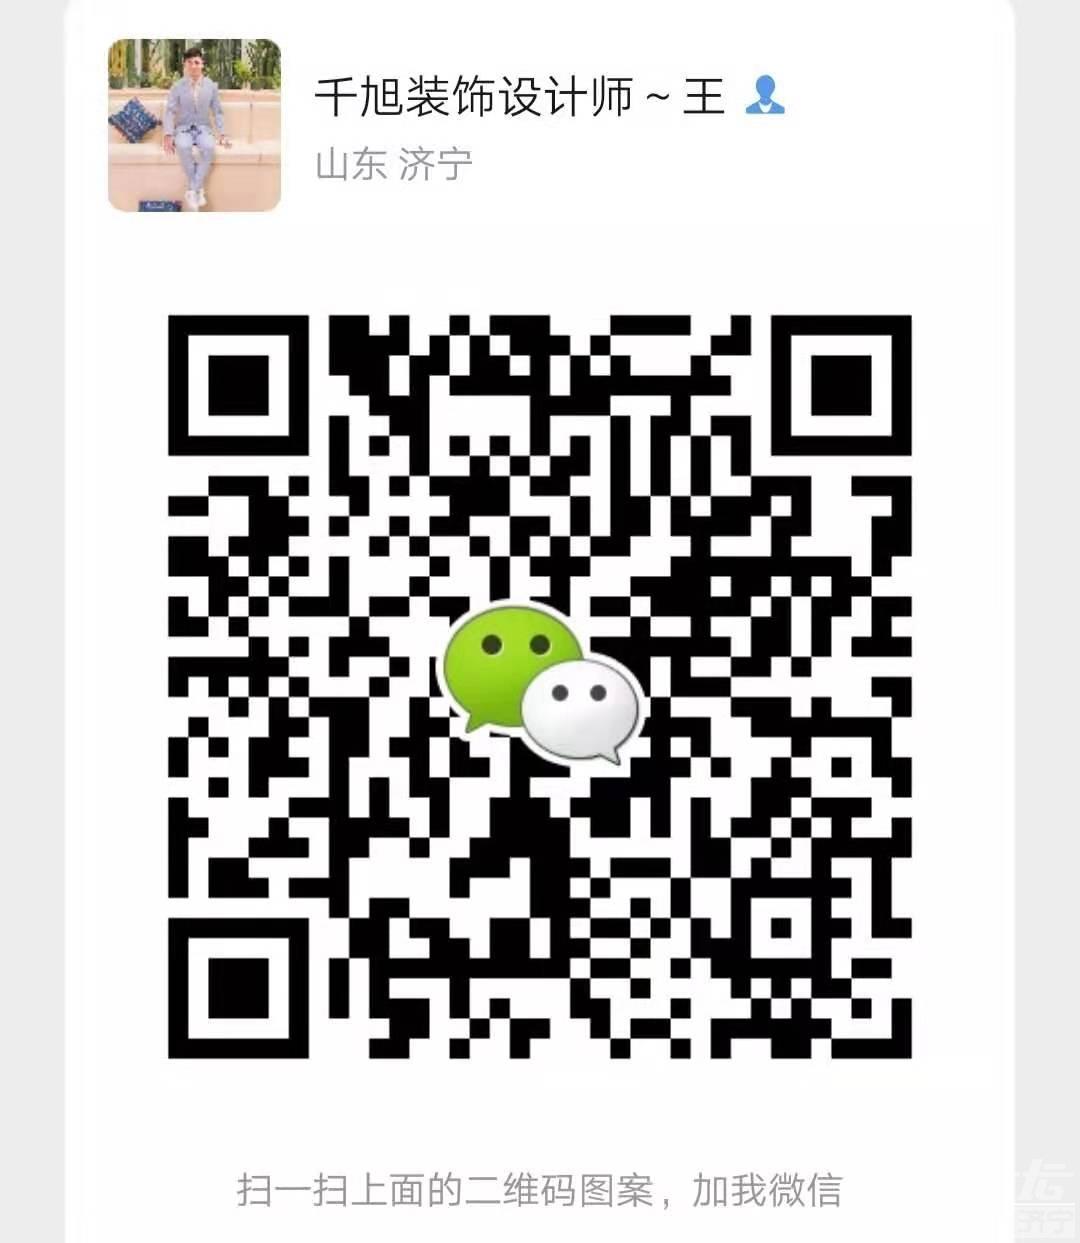 210320mxn20pov821p1blv.jpg